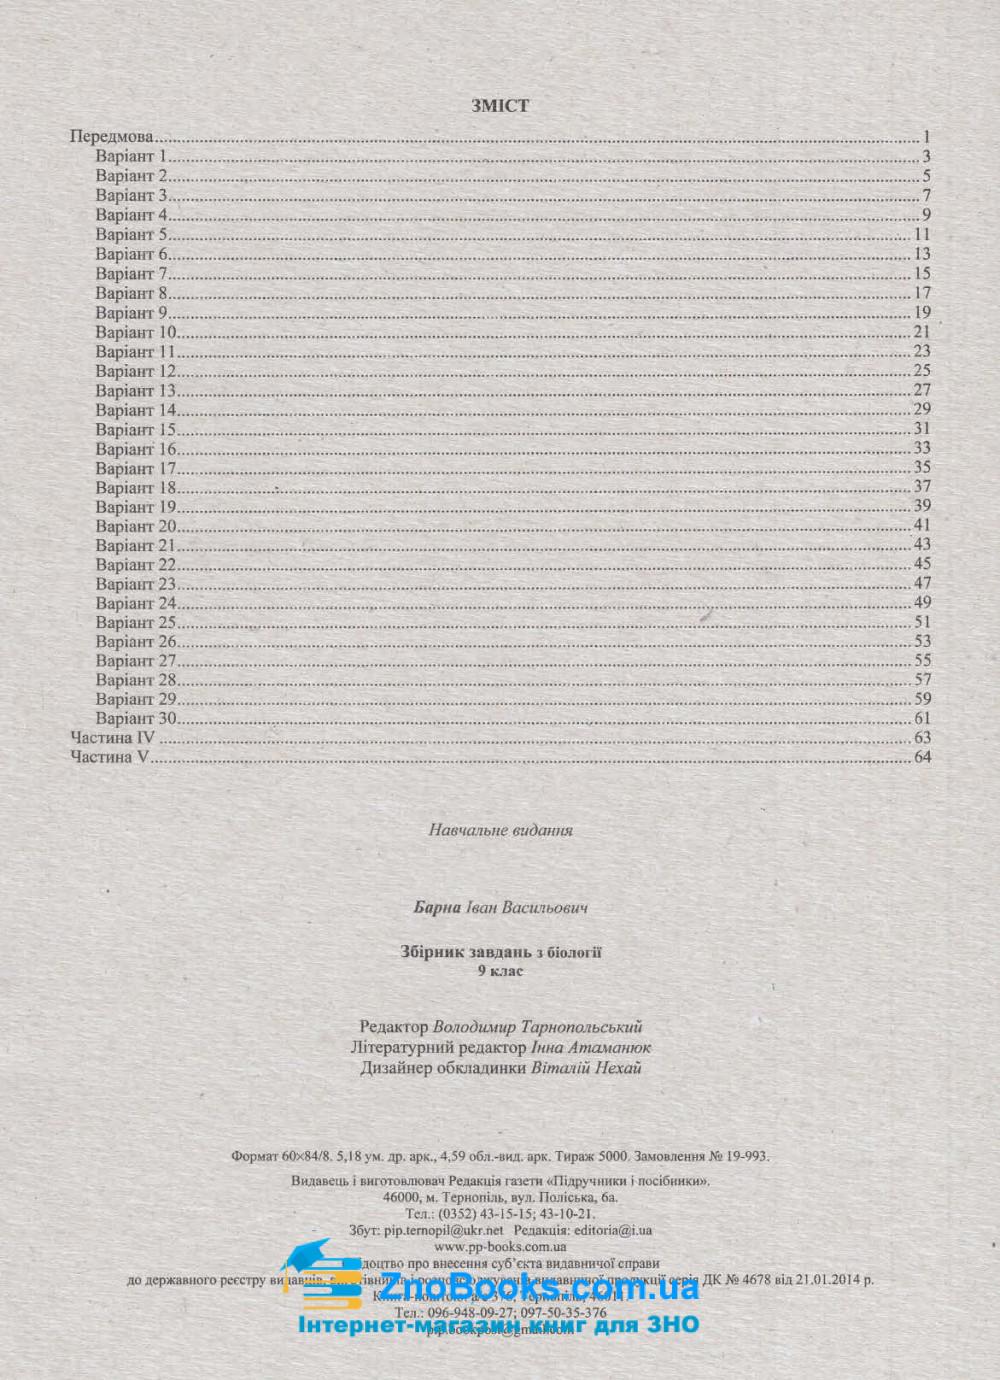 ДПА 9 клас 2021. Барна І. Біологія  /КОМПЛЕКТ/ Збірник завдань + відповіді. Підручники і посібники 8